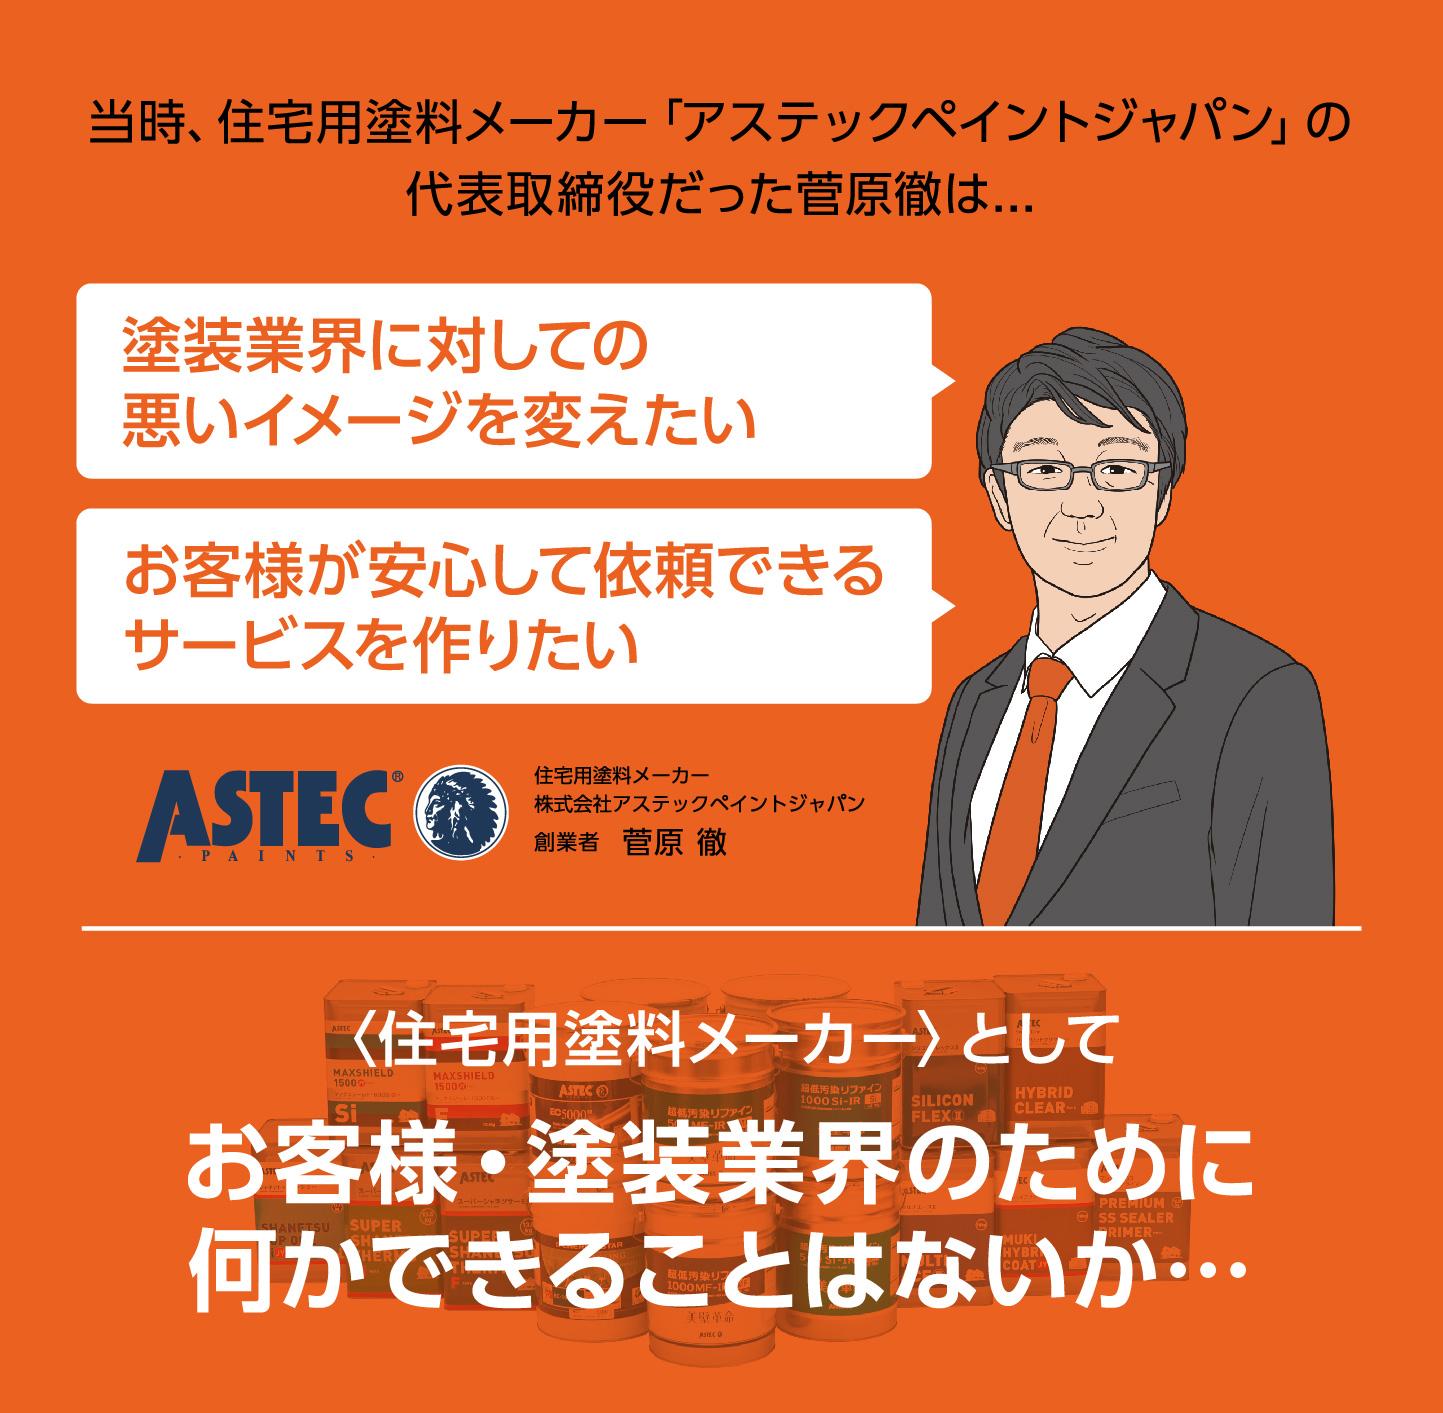 当時、住宅用塗料メーカー﹁アステックペイントジャパン﹂の代表取締役だった菅原徹は...「塗装業界に対しての悪いイメージを変えたい。お客様が安心して依頼できるサービスを作りたい。」